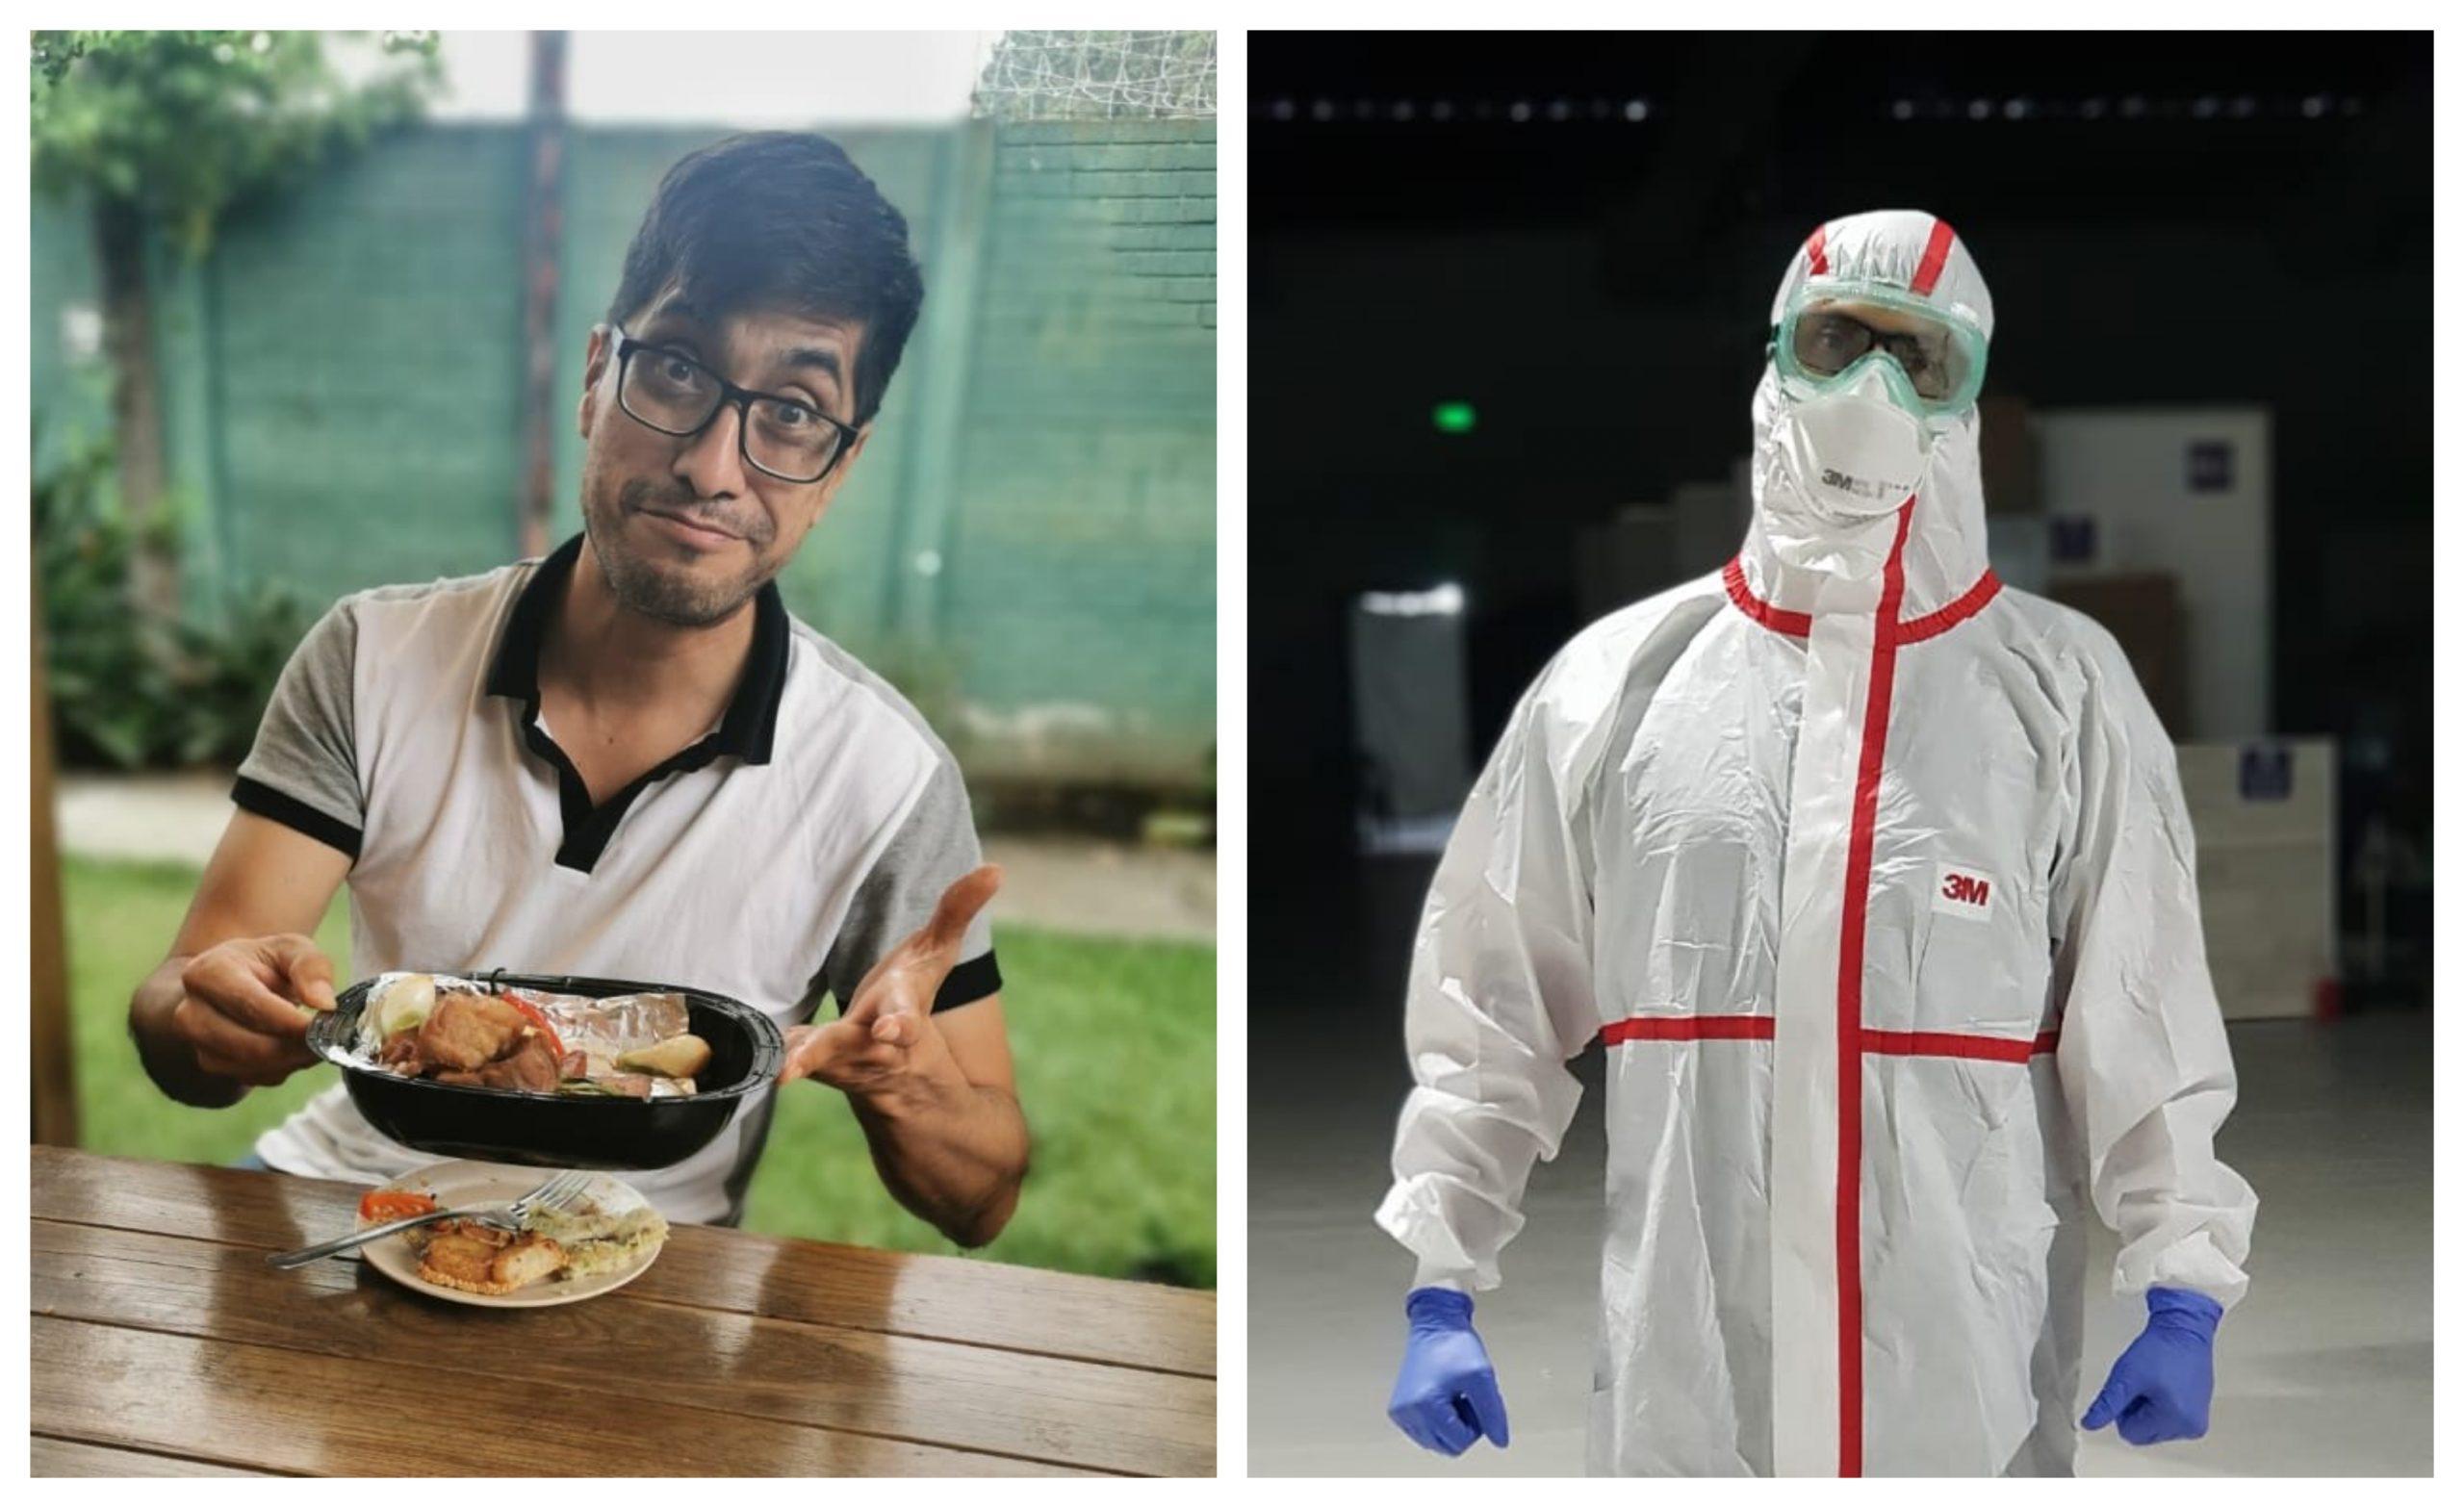 El doctor Oscar Guillermo Hernández falleció a causa del COVID-19 en el Hospital del Parque de la Industria. El médico de 45 años, luchó durante varios meses por pacientes contra la enfermedad que hoy le quitó la vida. (Foto: Twitter)